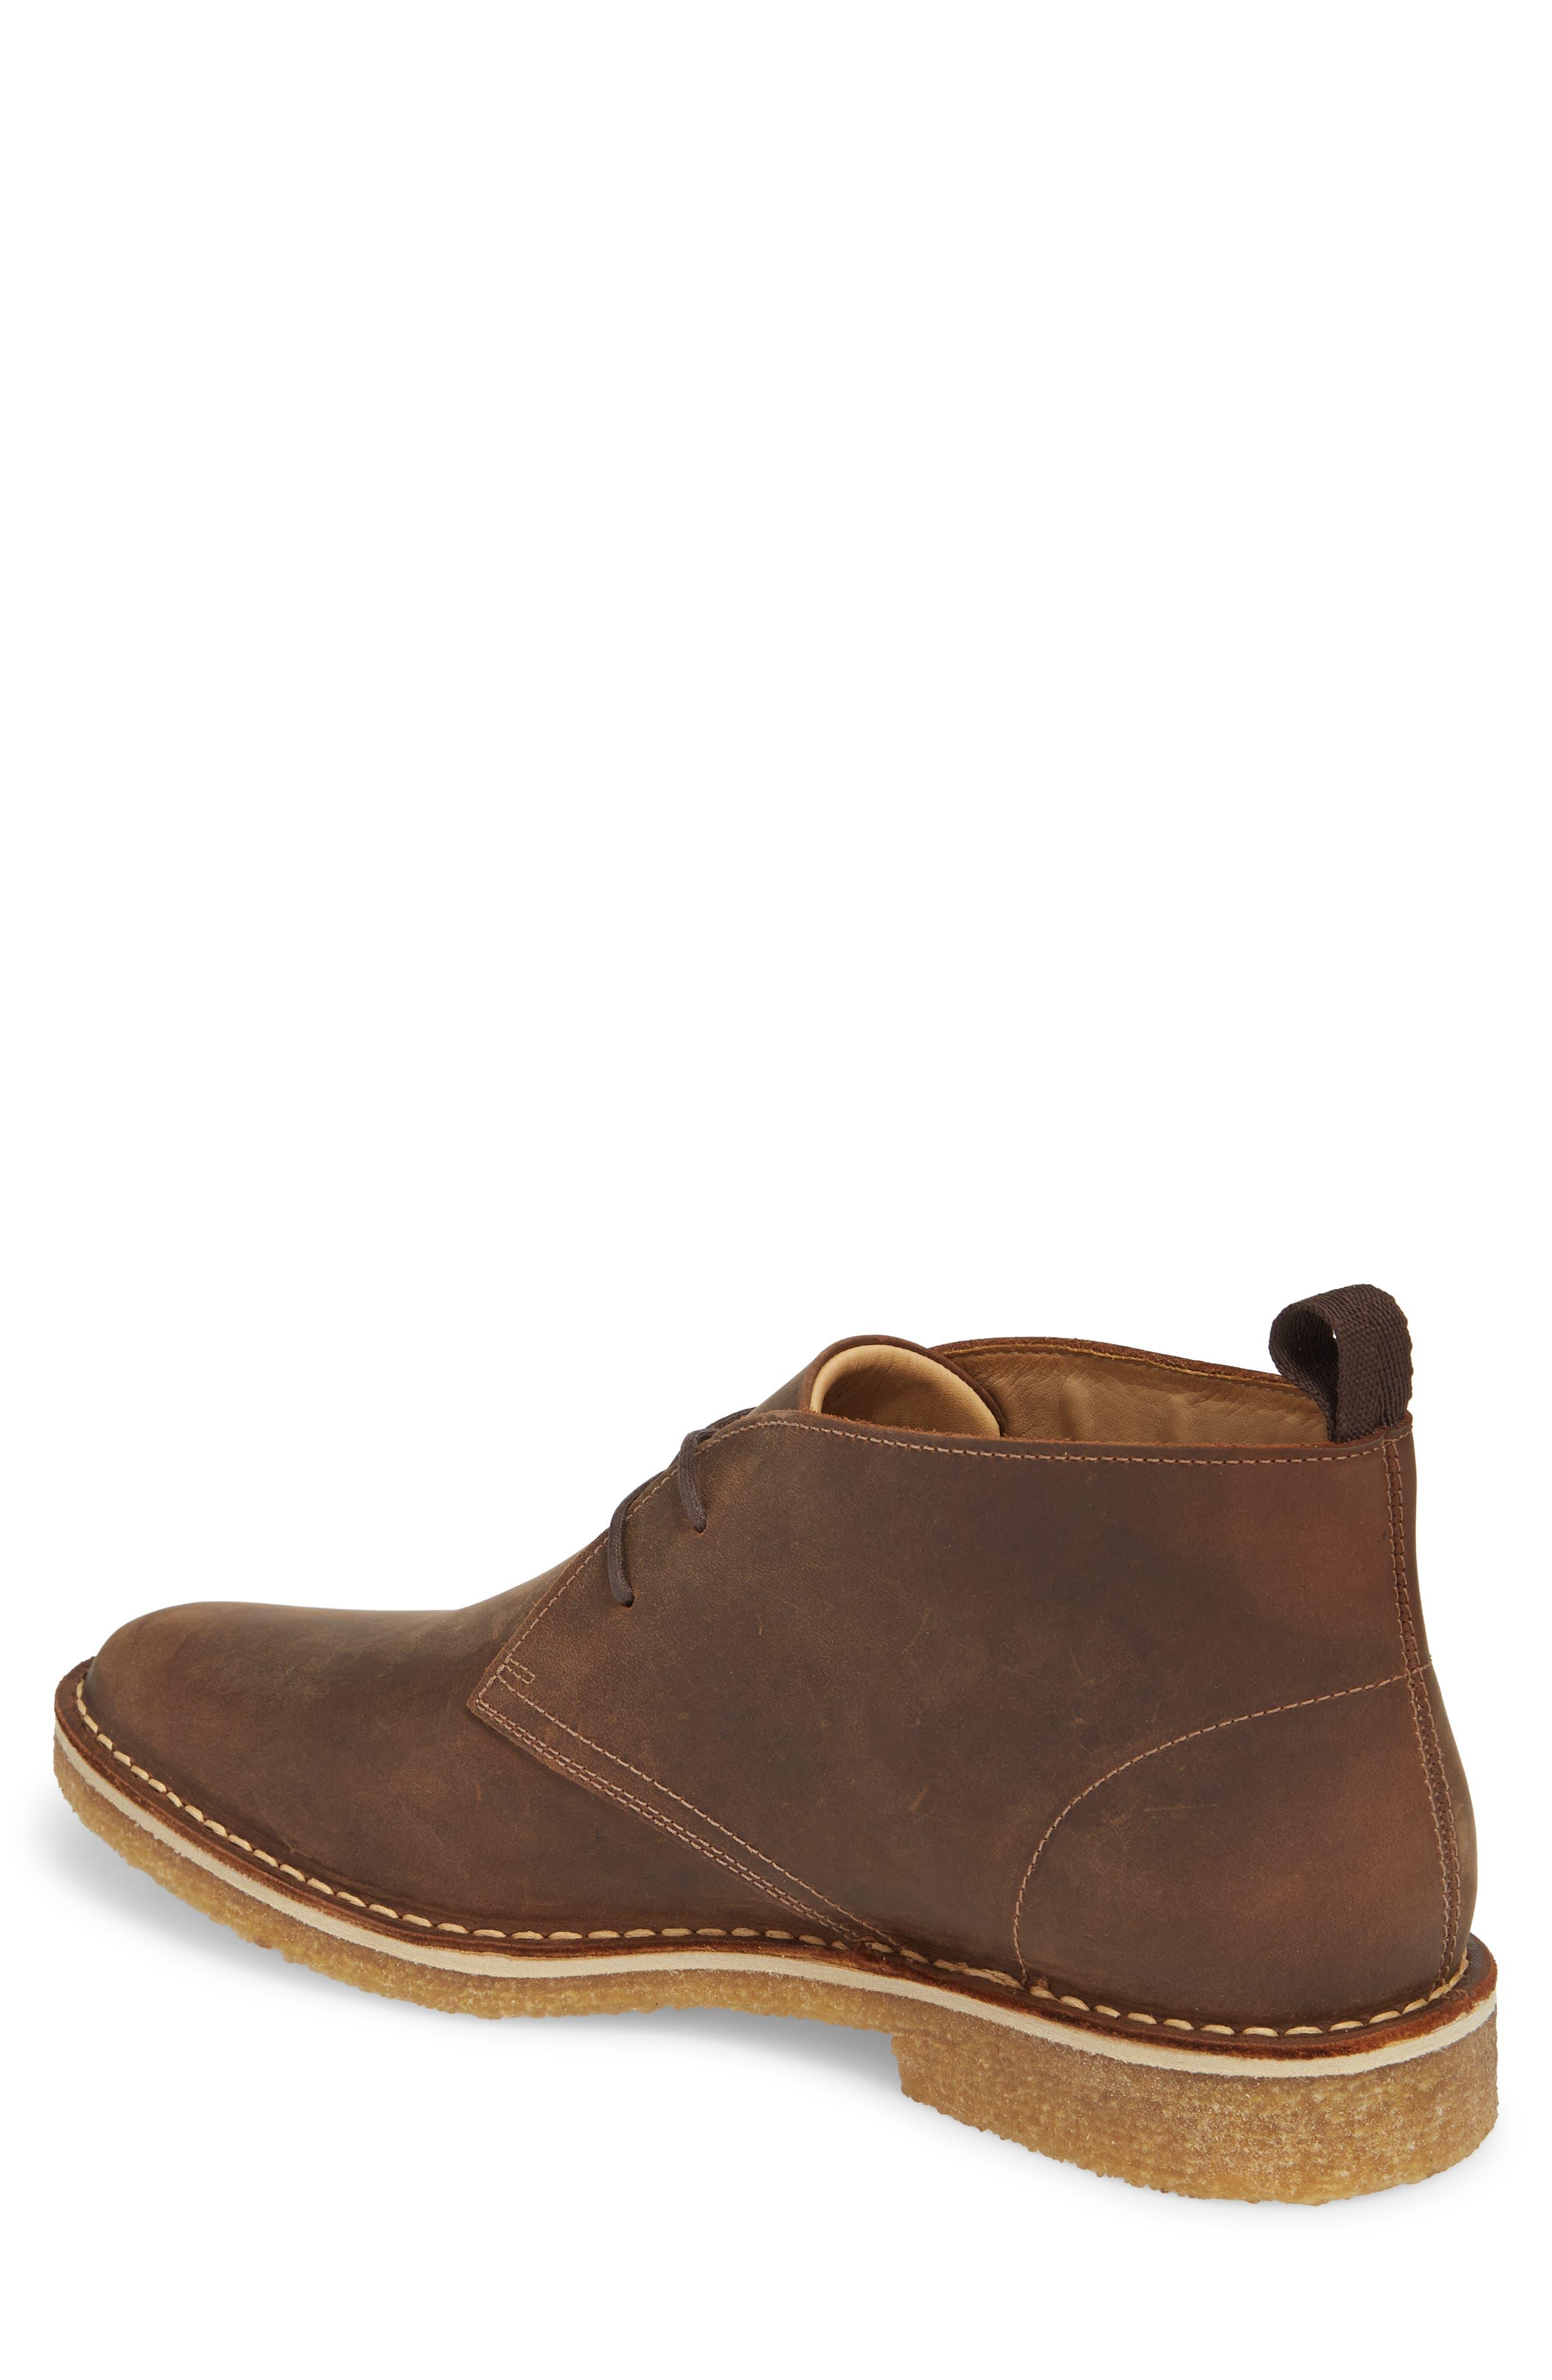 184f7c52f6c Men s 1901 Shoes